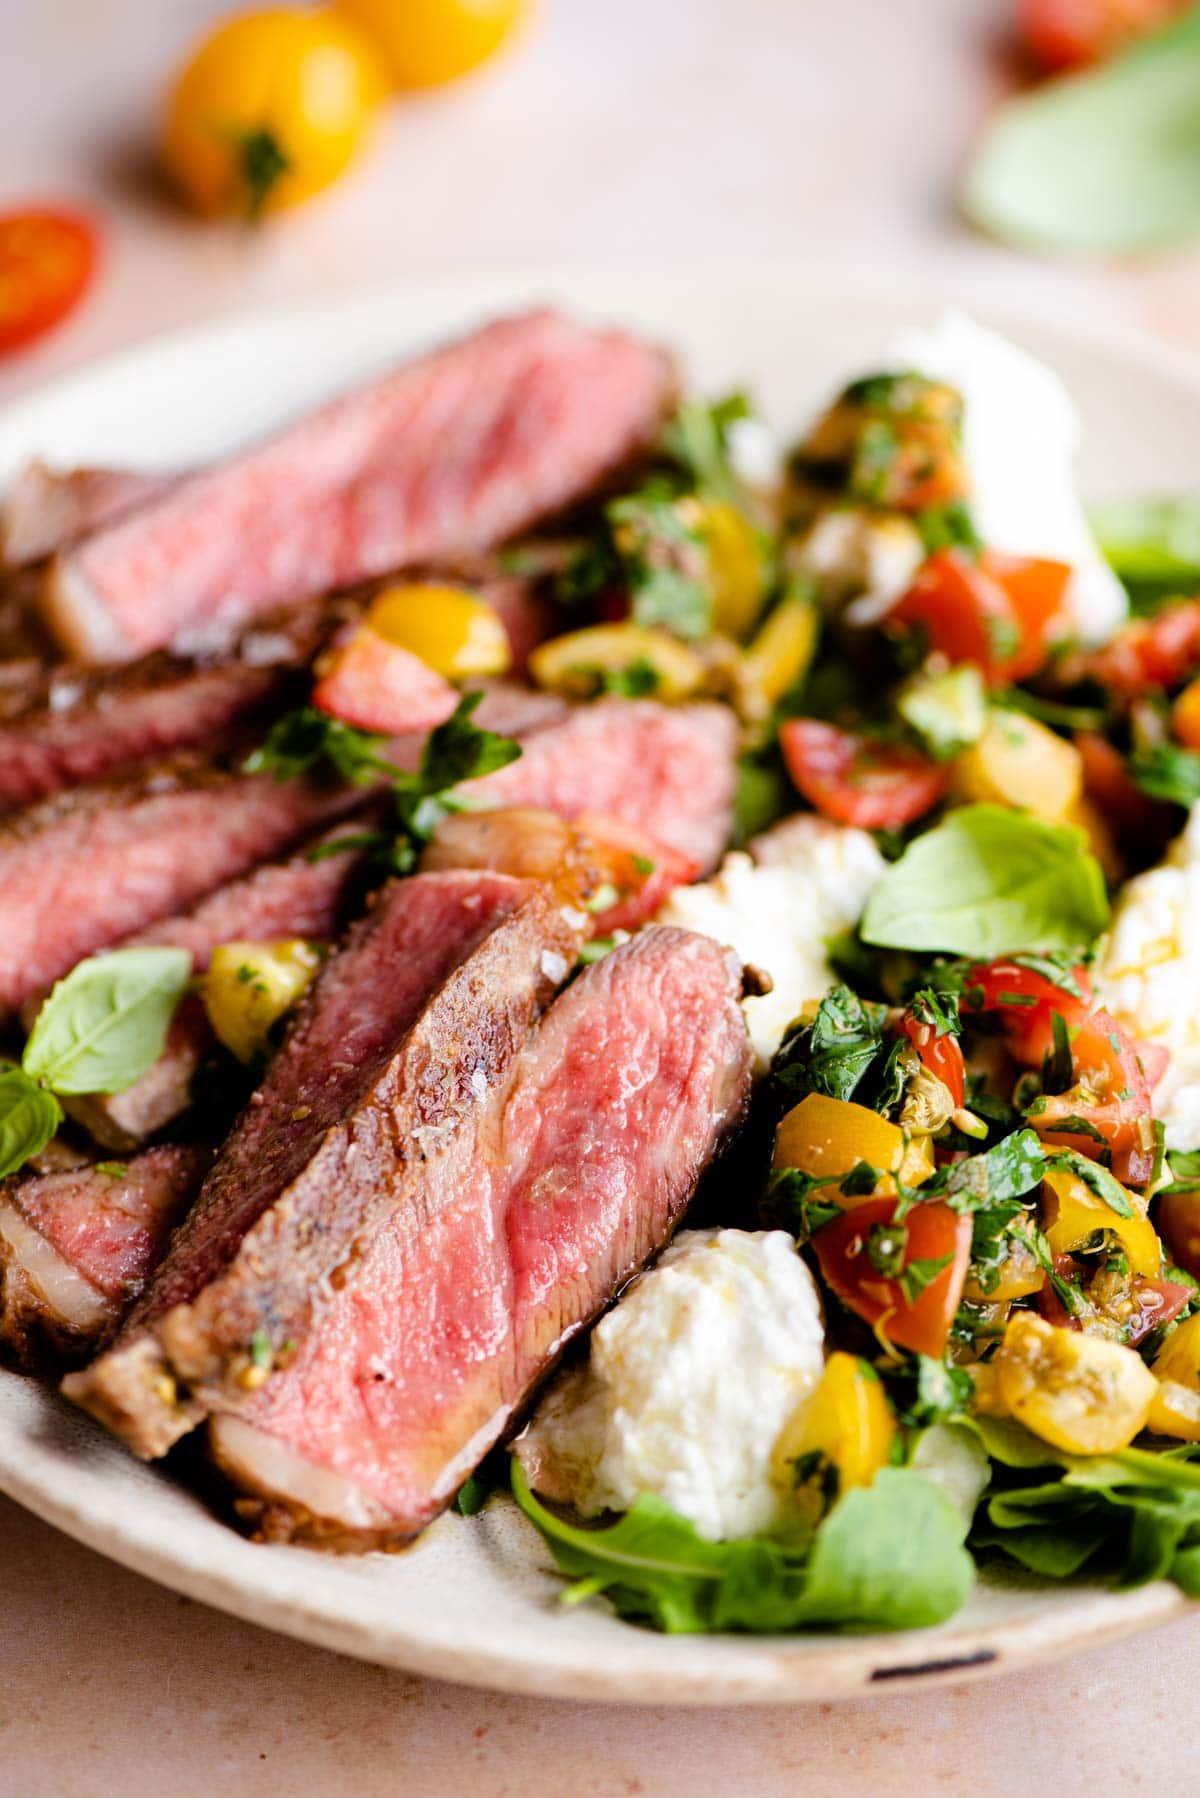 A close up of steak tagliata on a plate with tomato and mozzarella